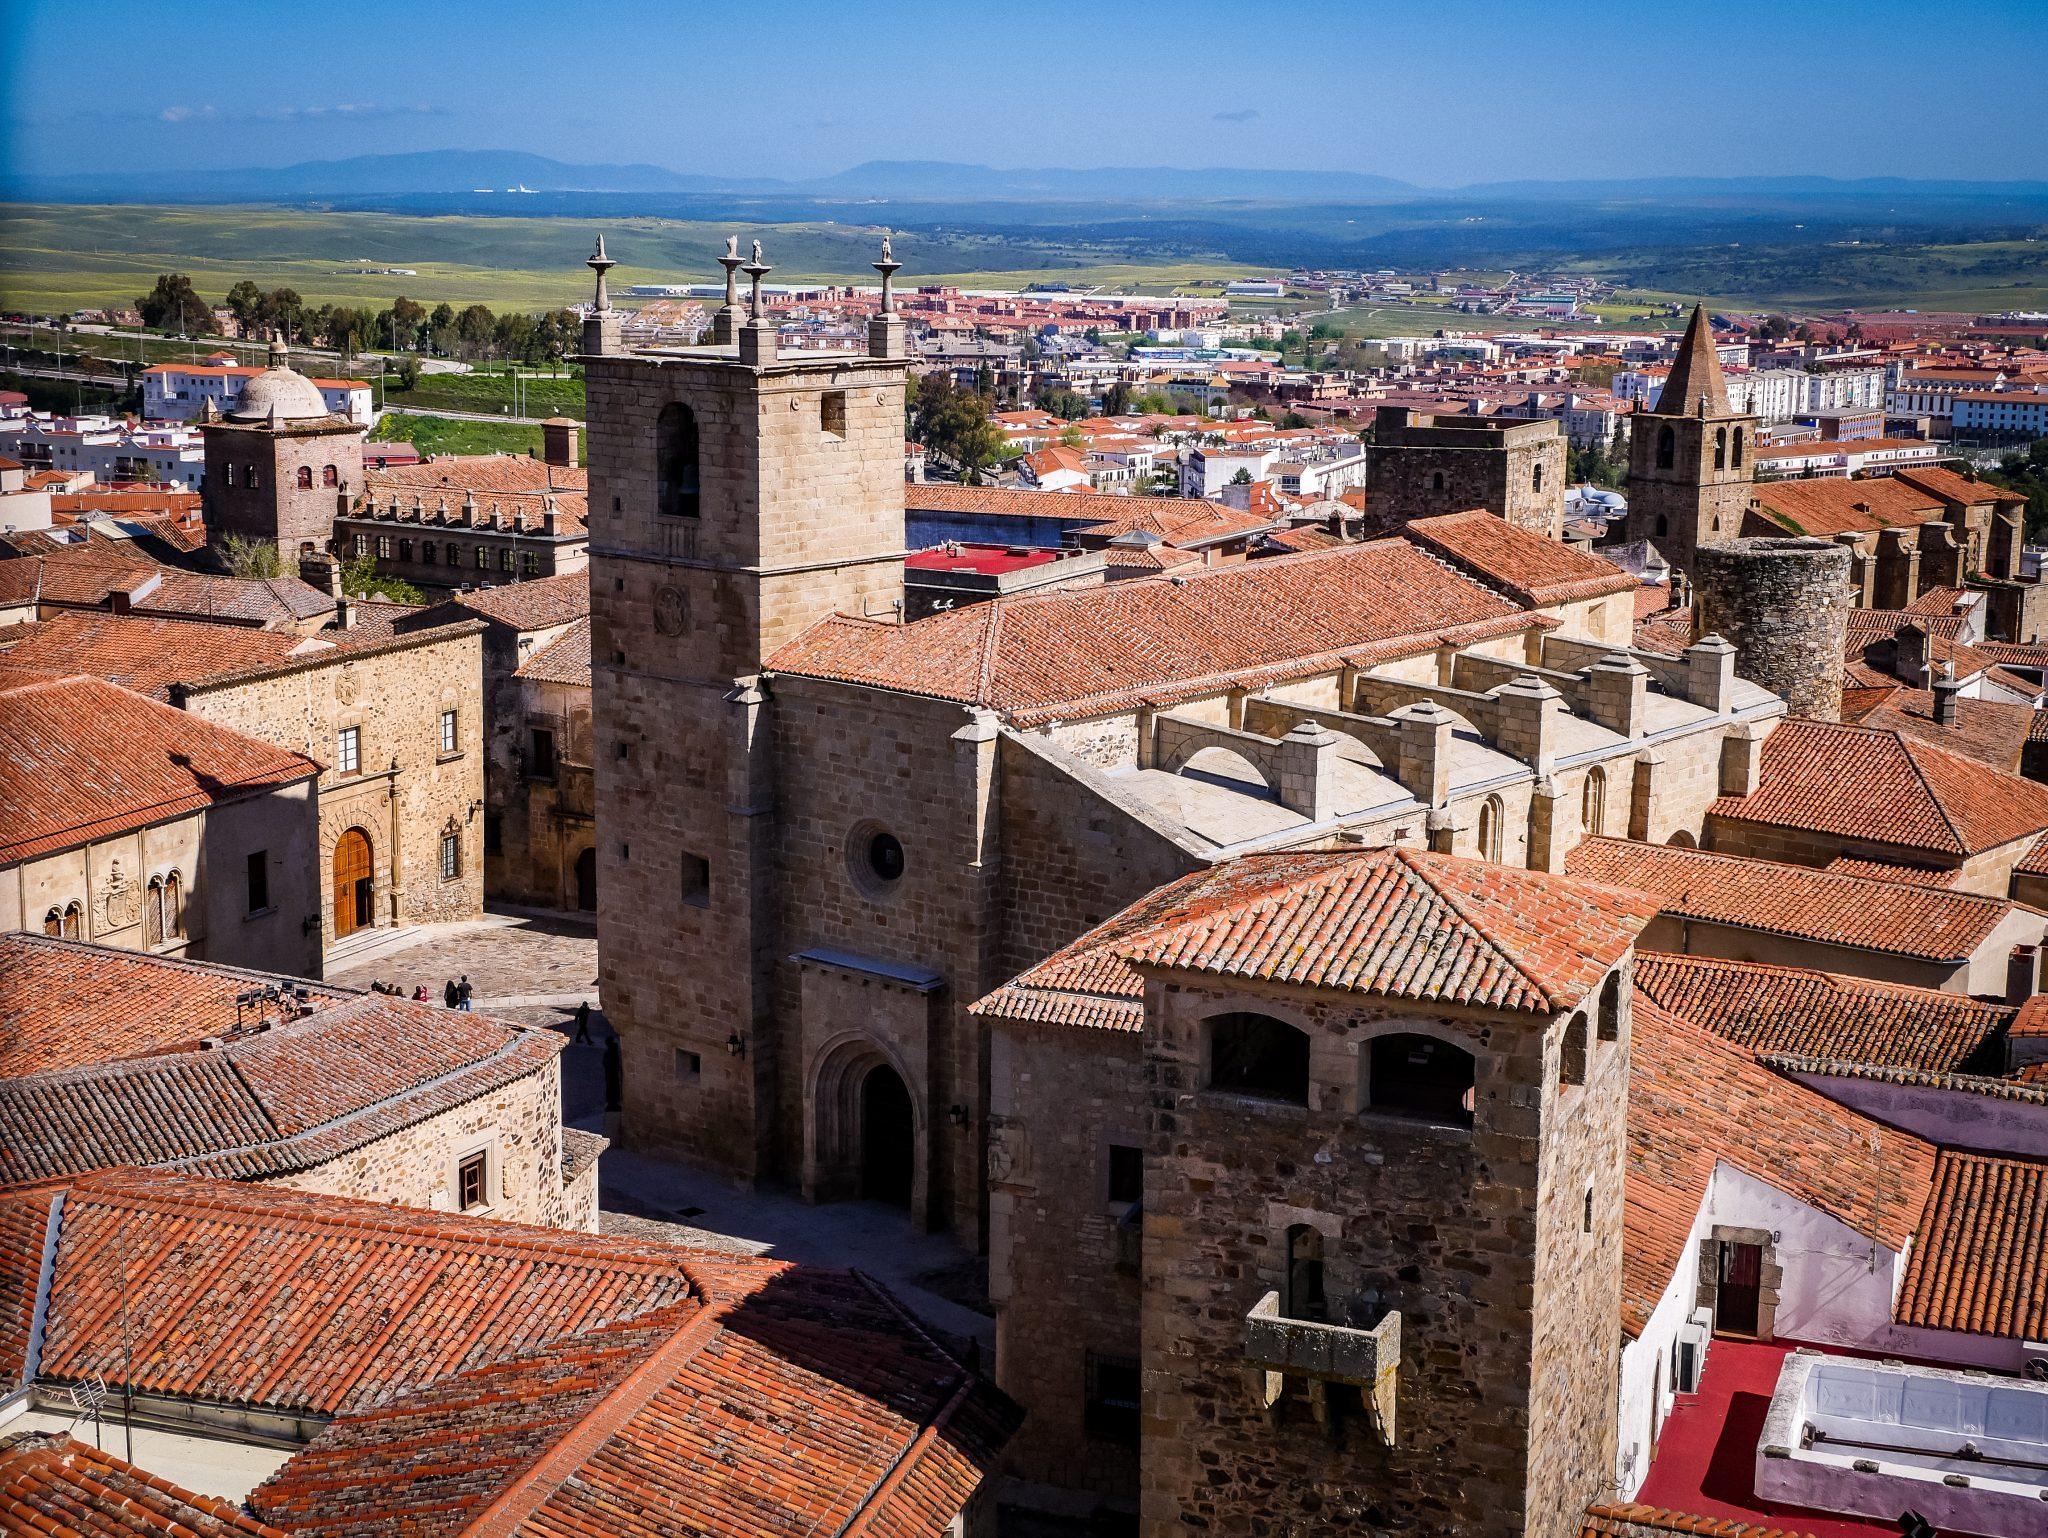 Von den Kirchtürmen der Iglesia de San Francisco Javier hast du einen wunderschönen Ausblick auf die komplette Altstadt von Cáceres.